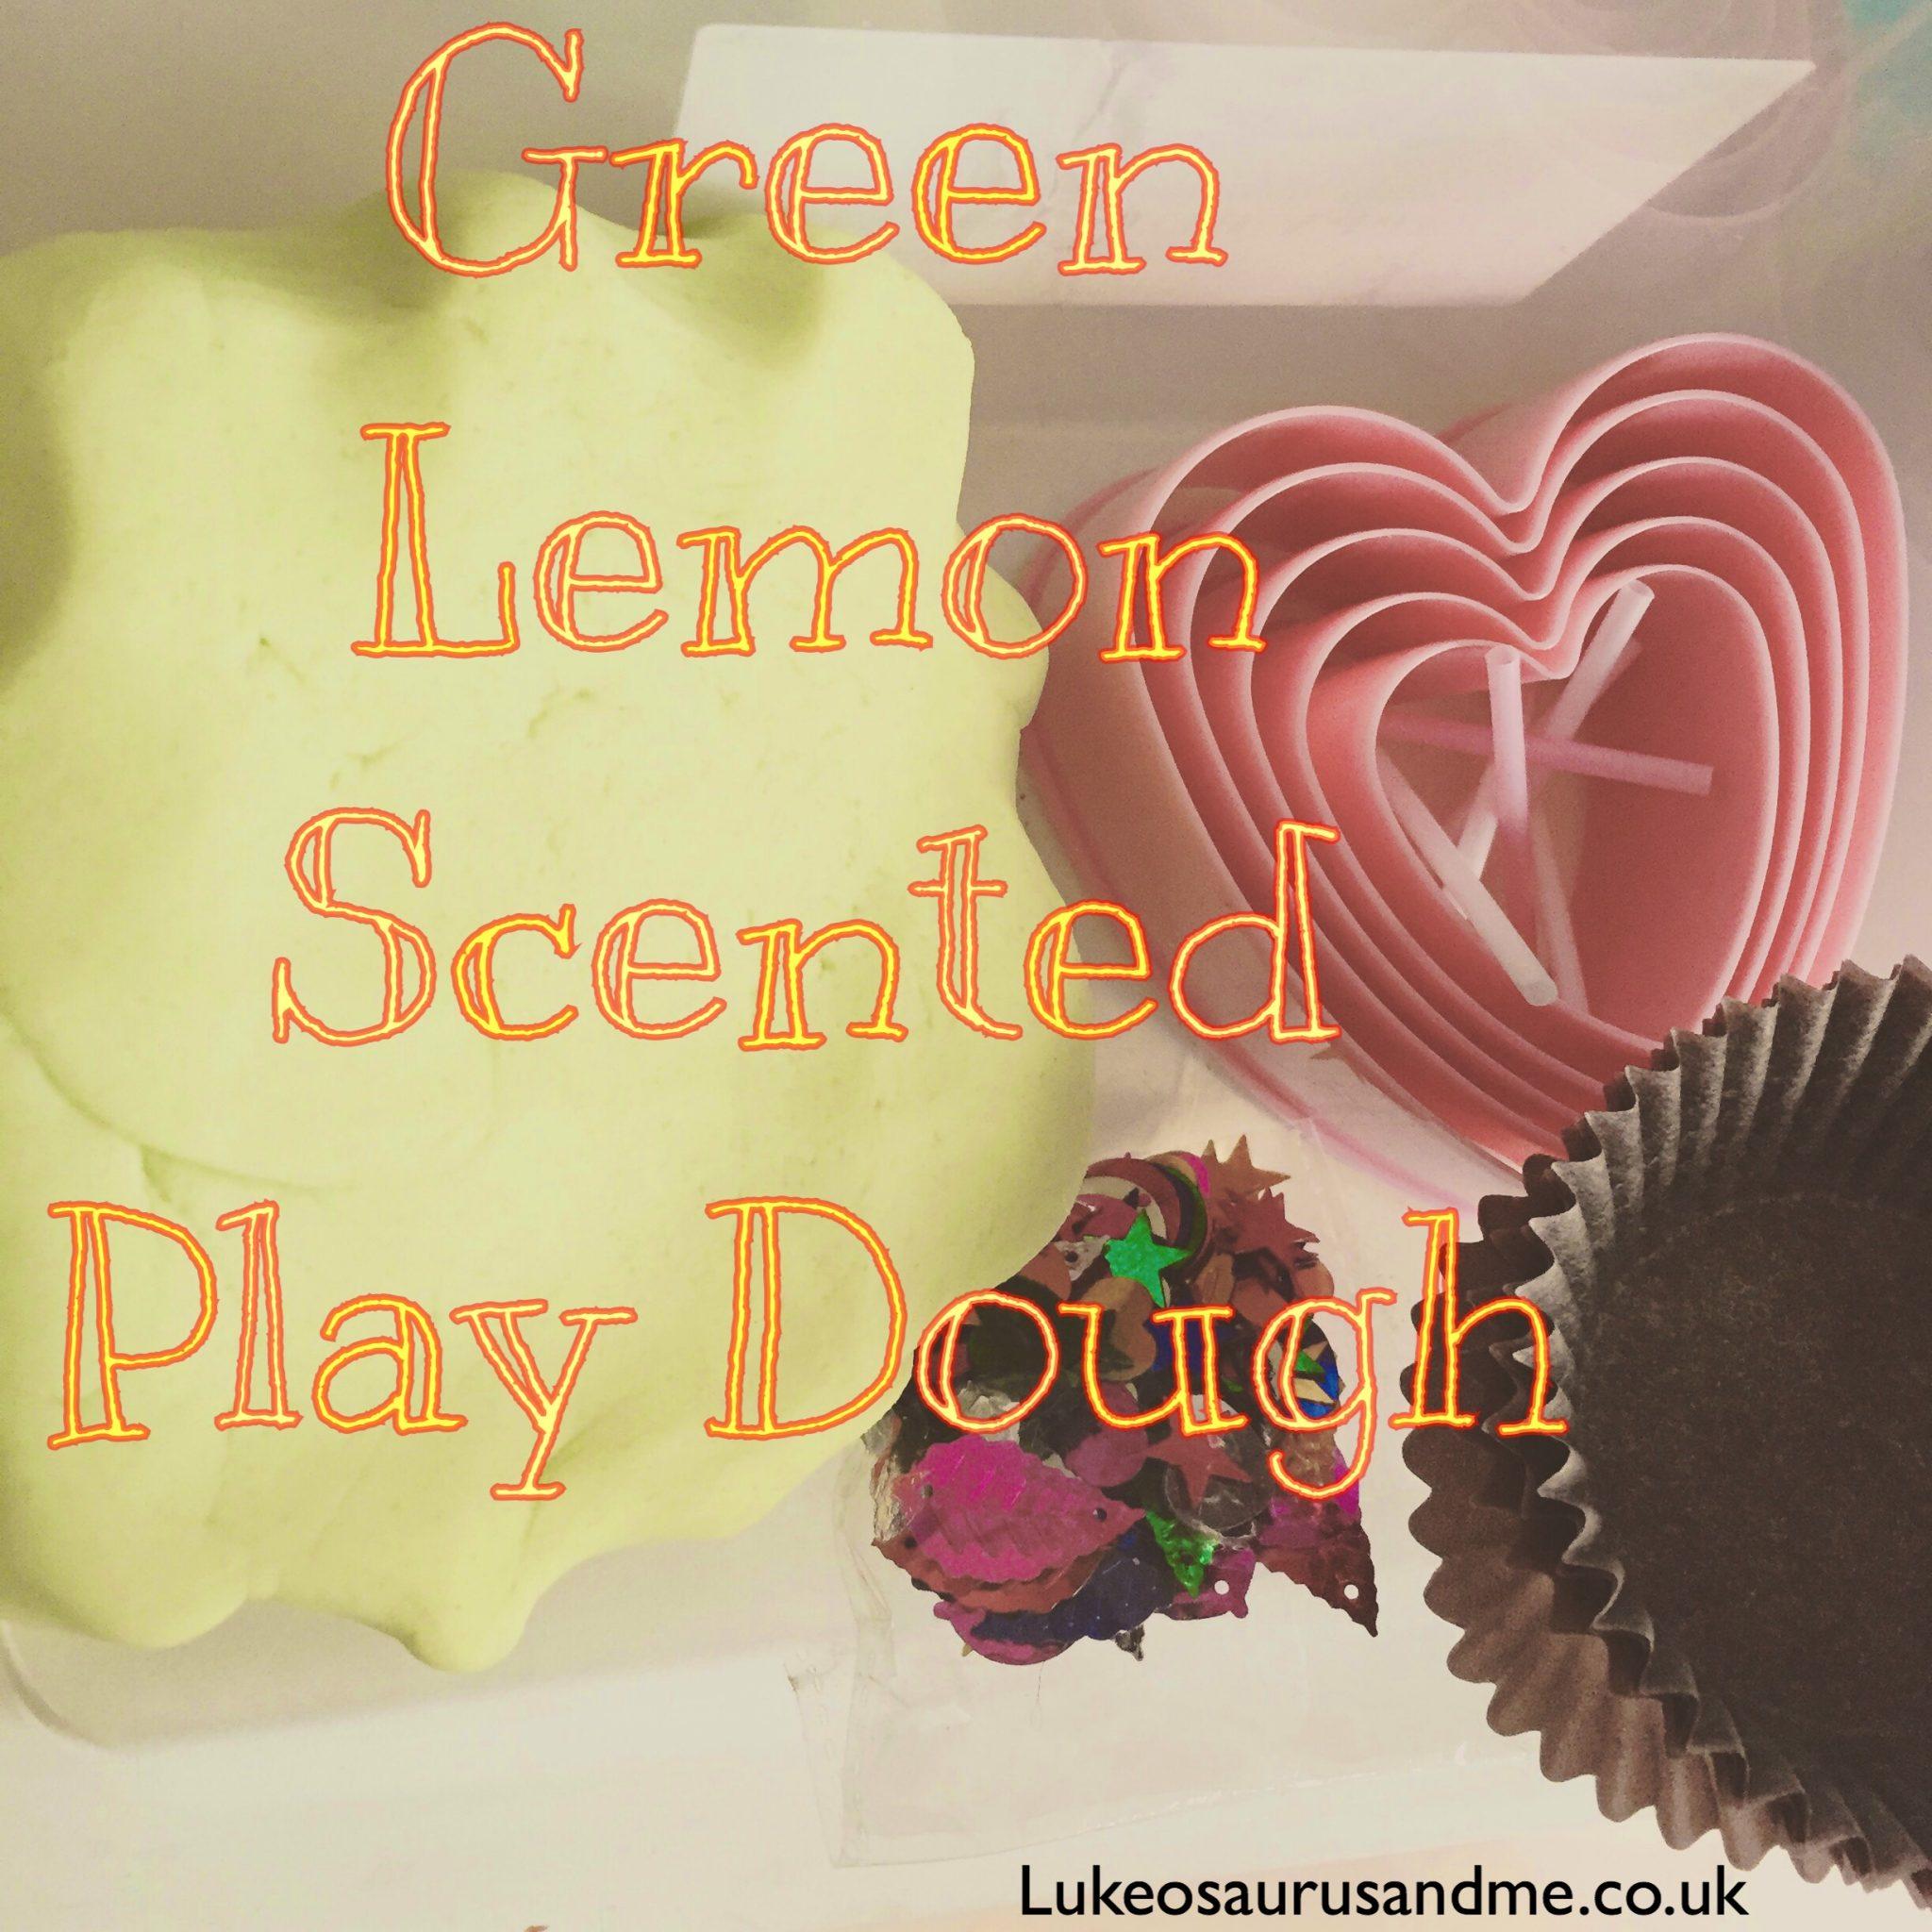 Green Lemon Scented Play Dough made by lukeosaurusandme.co.uk